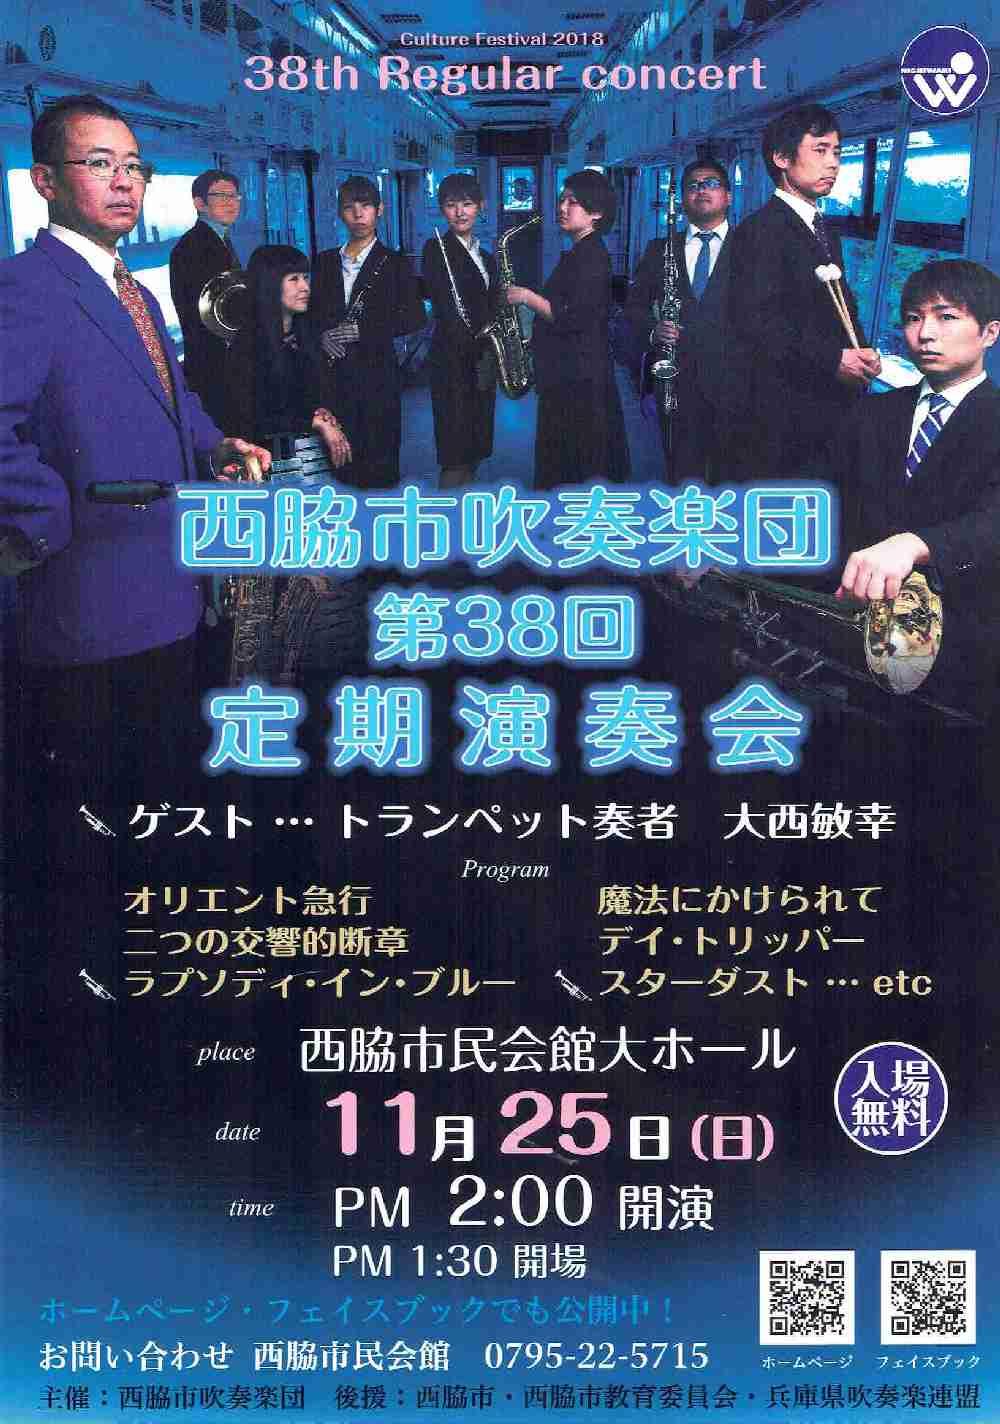 11/25 西脇市吹奏楽団定期演奏会:西脇市民会館